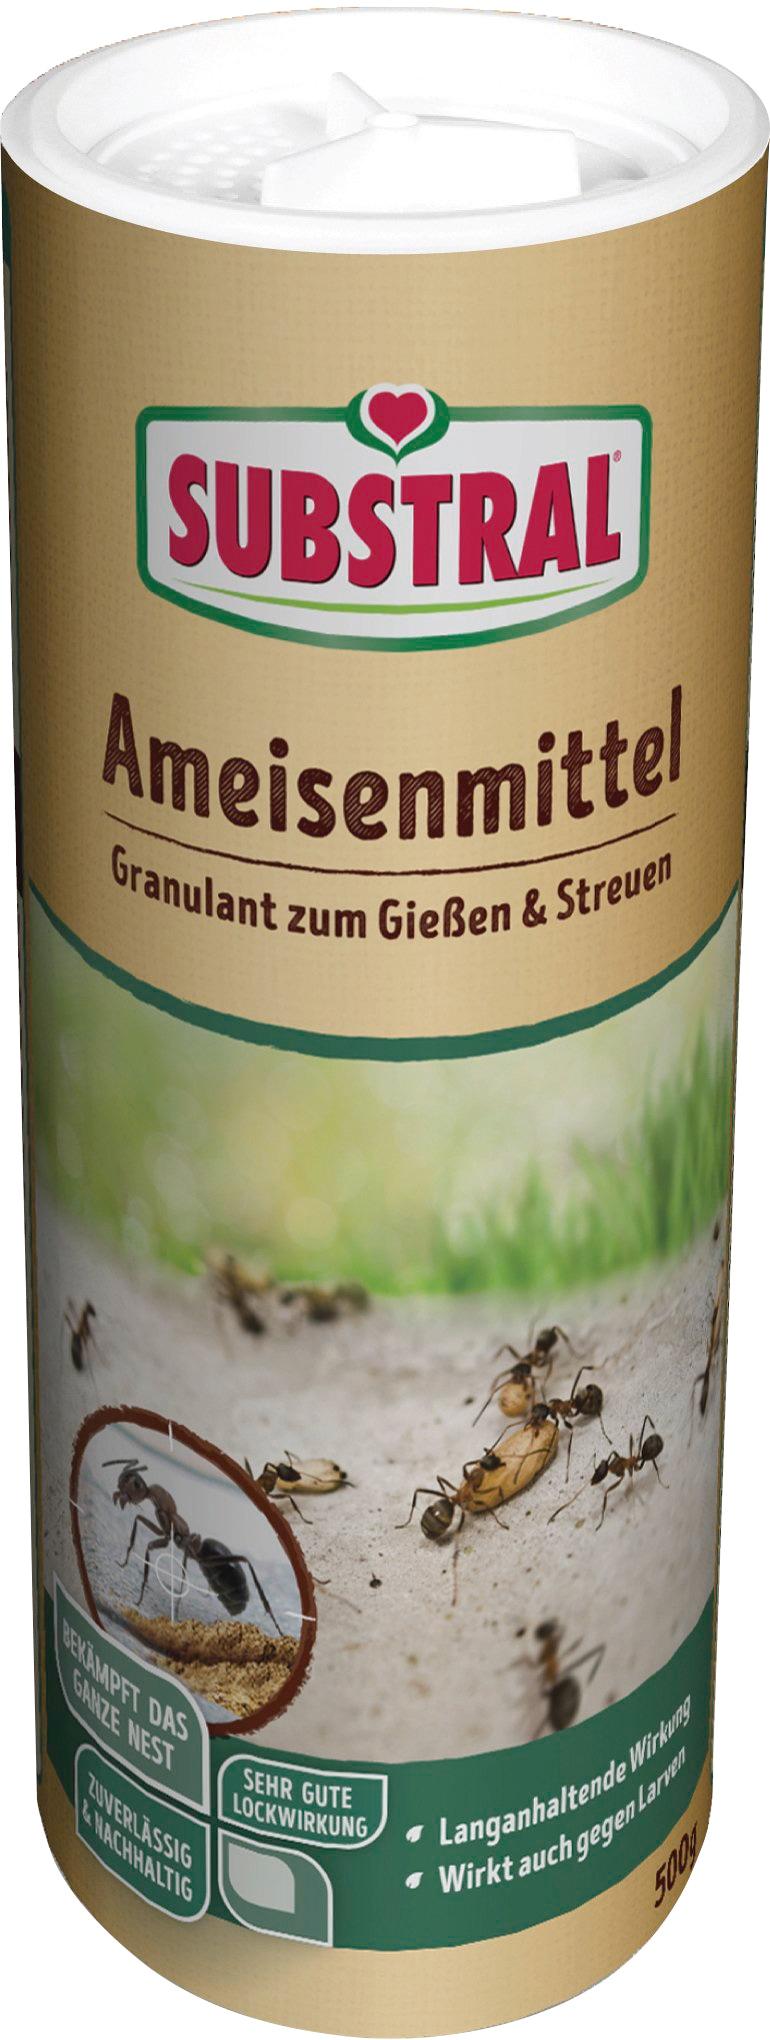 Scotts Substral Ameisengift braun Zubehör Pflanzen Garten Balkon